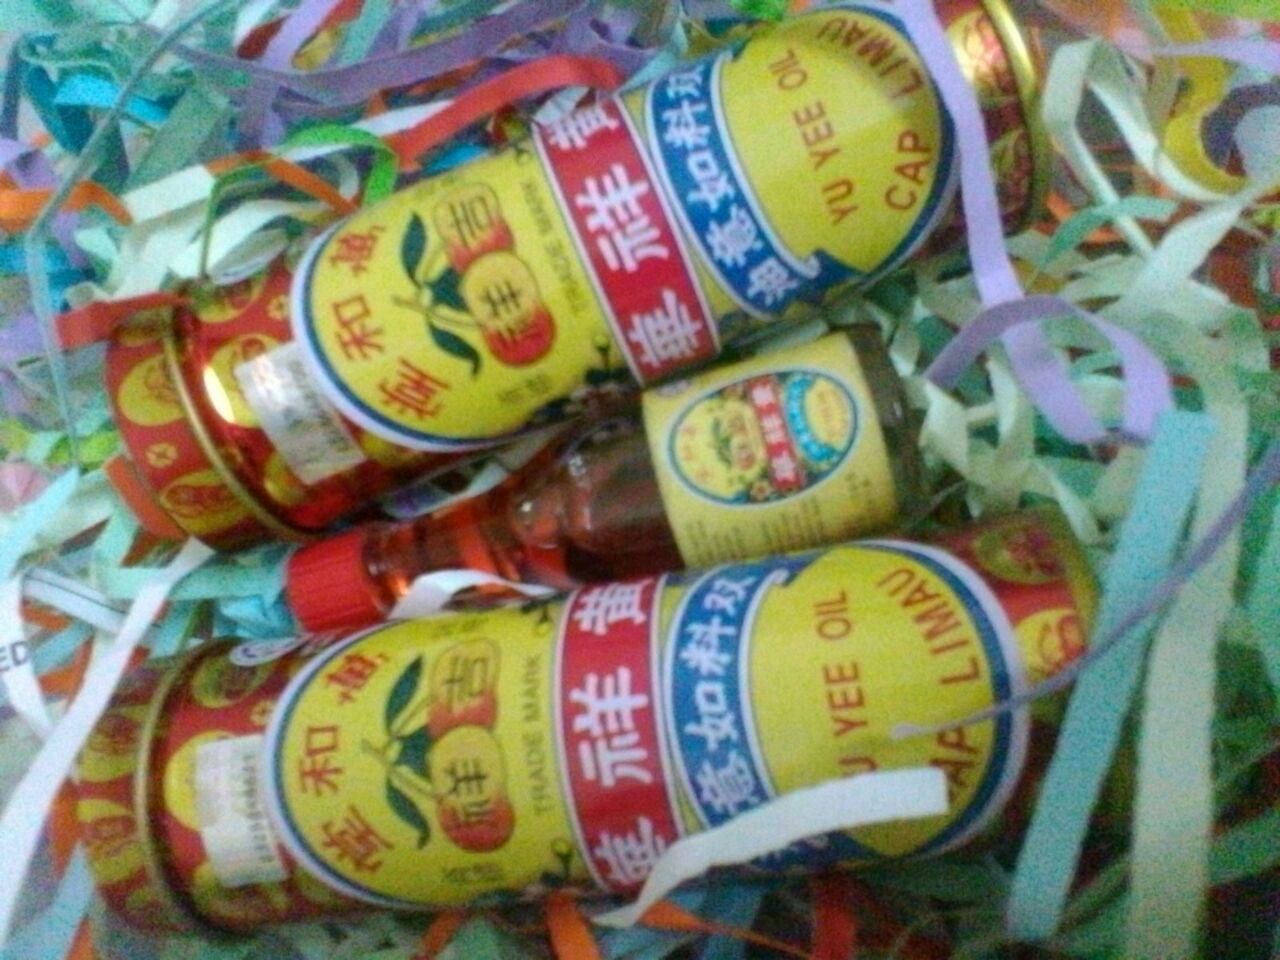 minyak yu yee cap limau, halal ke minyak yu yee, kebaikan dan kelebihan, kegunaan minyak yu yee